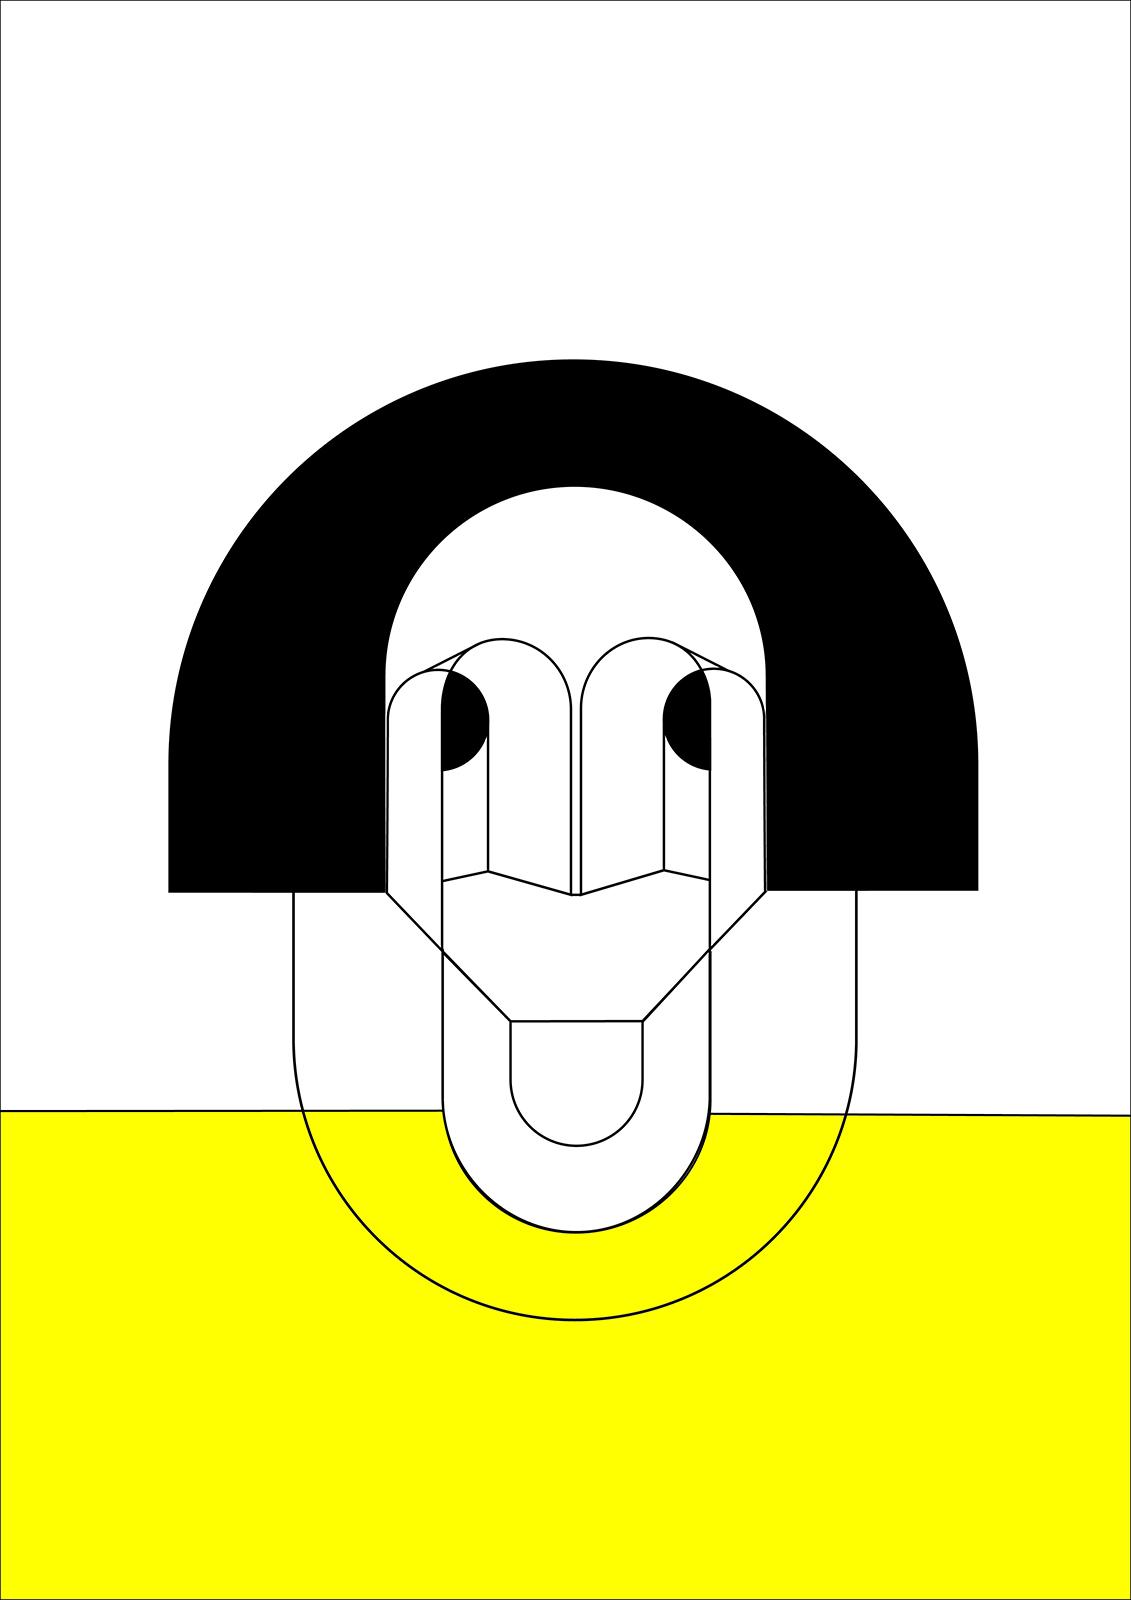 Matali Crasset - Designer - Design - Work - Creation - La cathédrale dans l'étable